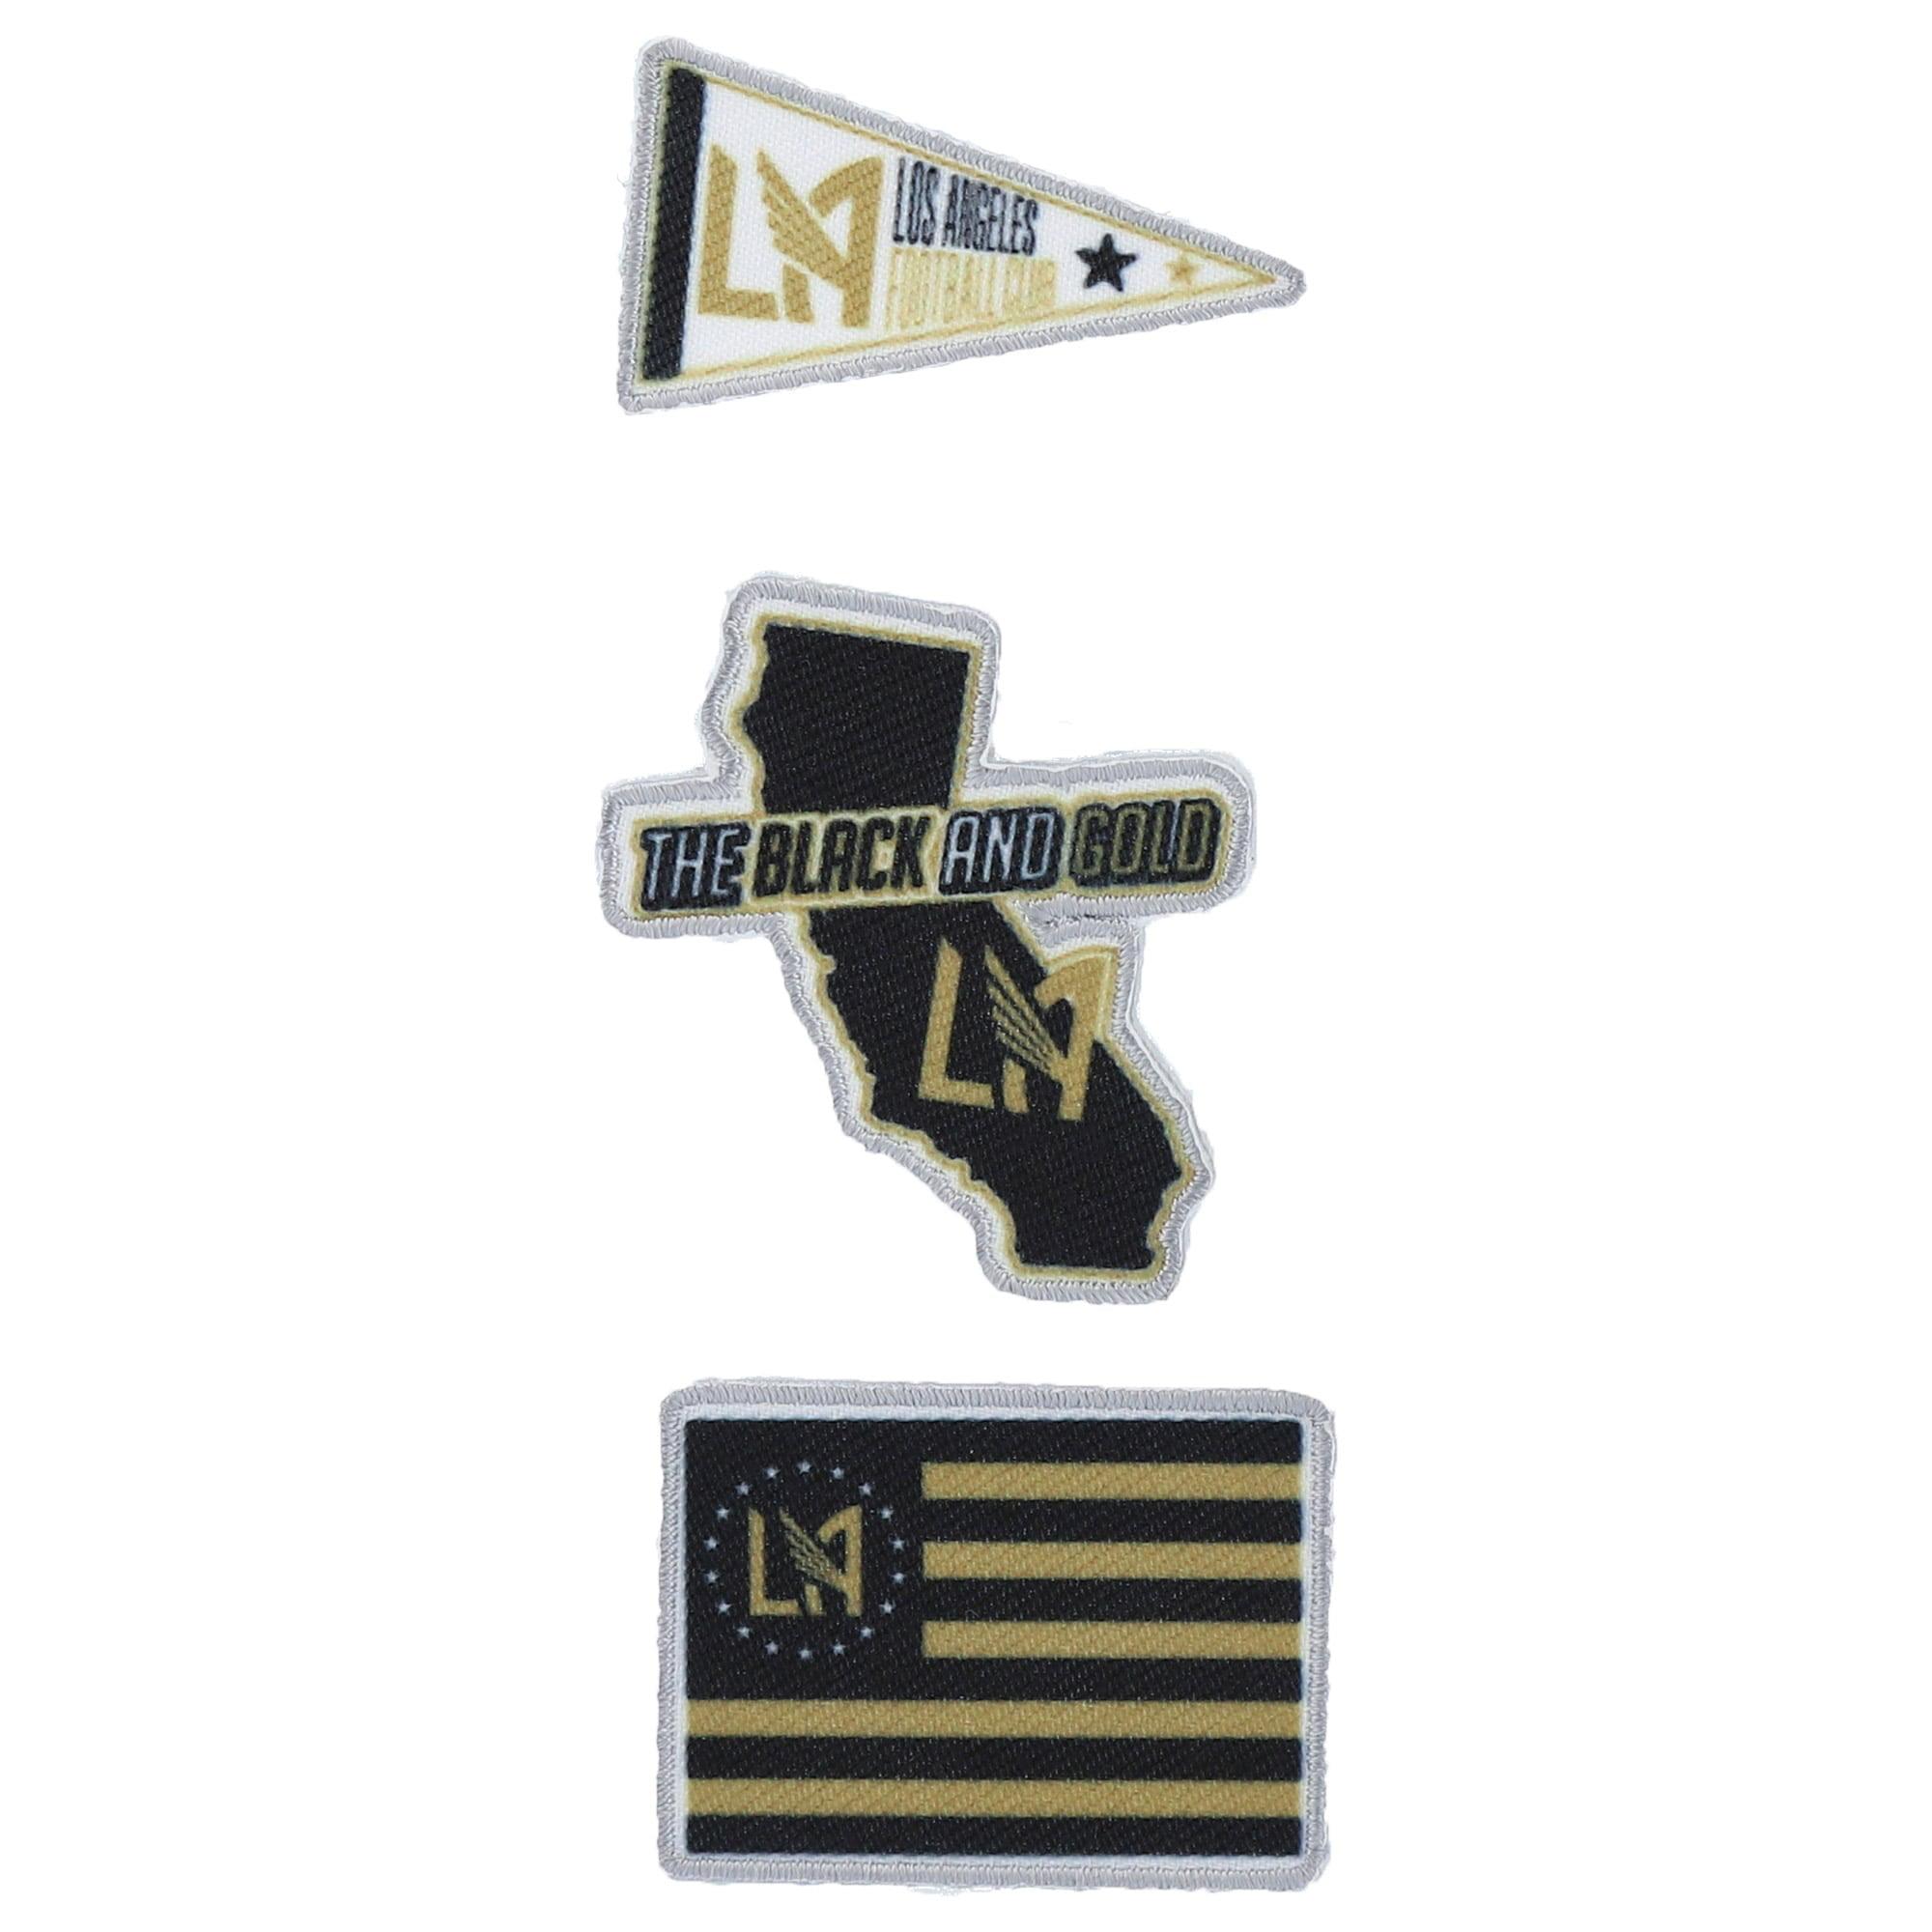 Sew On Appliques Sport Badge Emblem Sign Embroidered Patch 3-Pack Fit Denver Broncos Football Team Logo